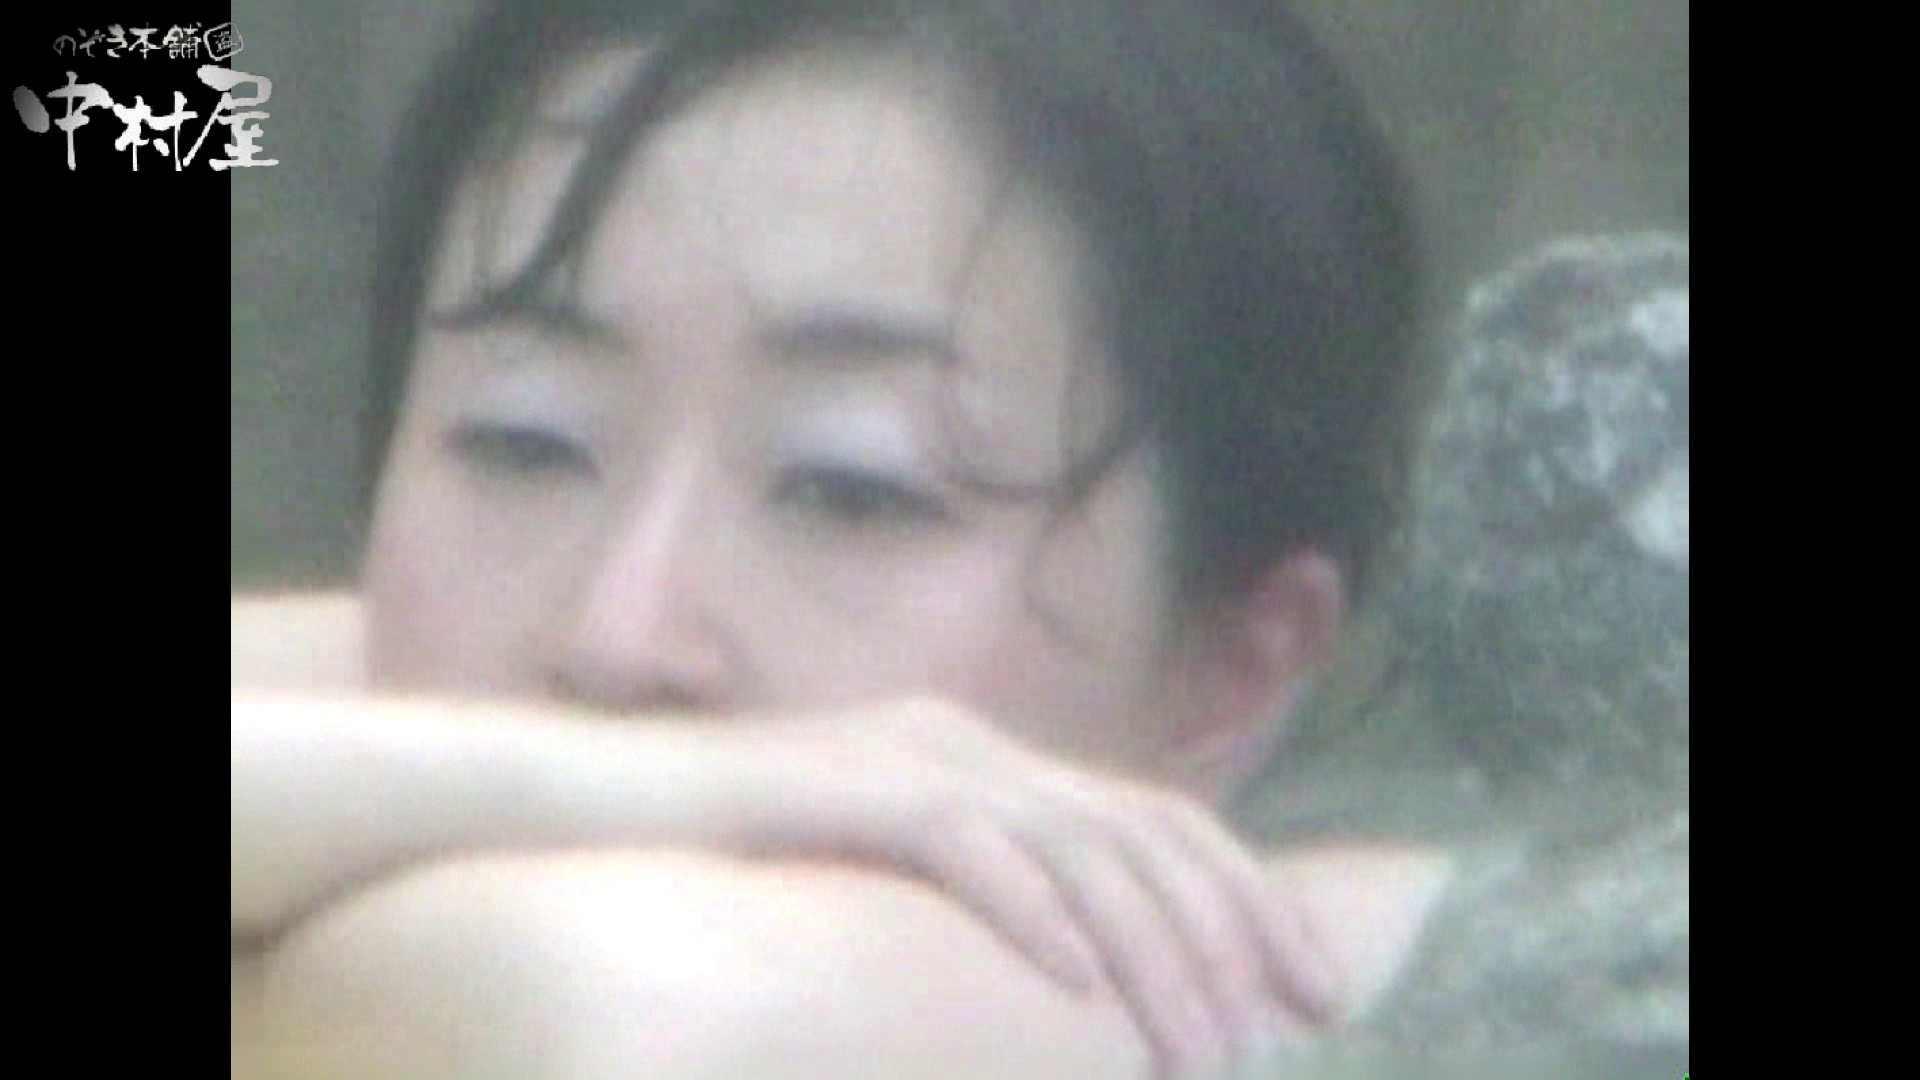 Aquaな露天風呂Vol.957 盗撮シリーズ  110PIX 82